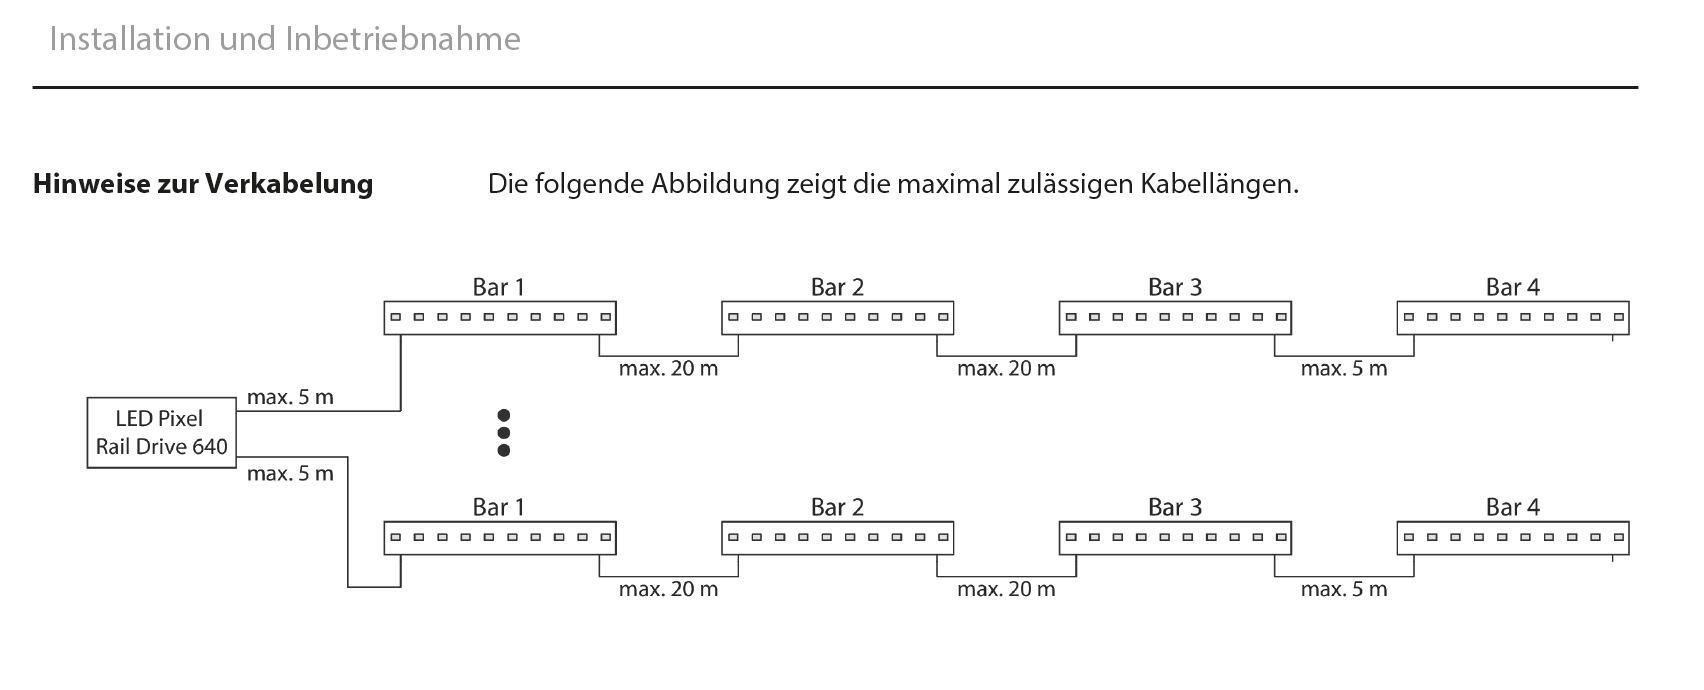 Großartig Schaltdimmer 3 Wege Diagramm Fotos - Elektrische ...